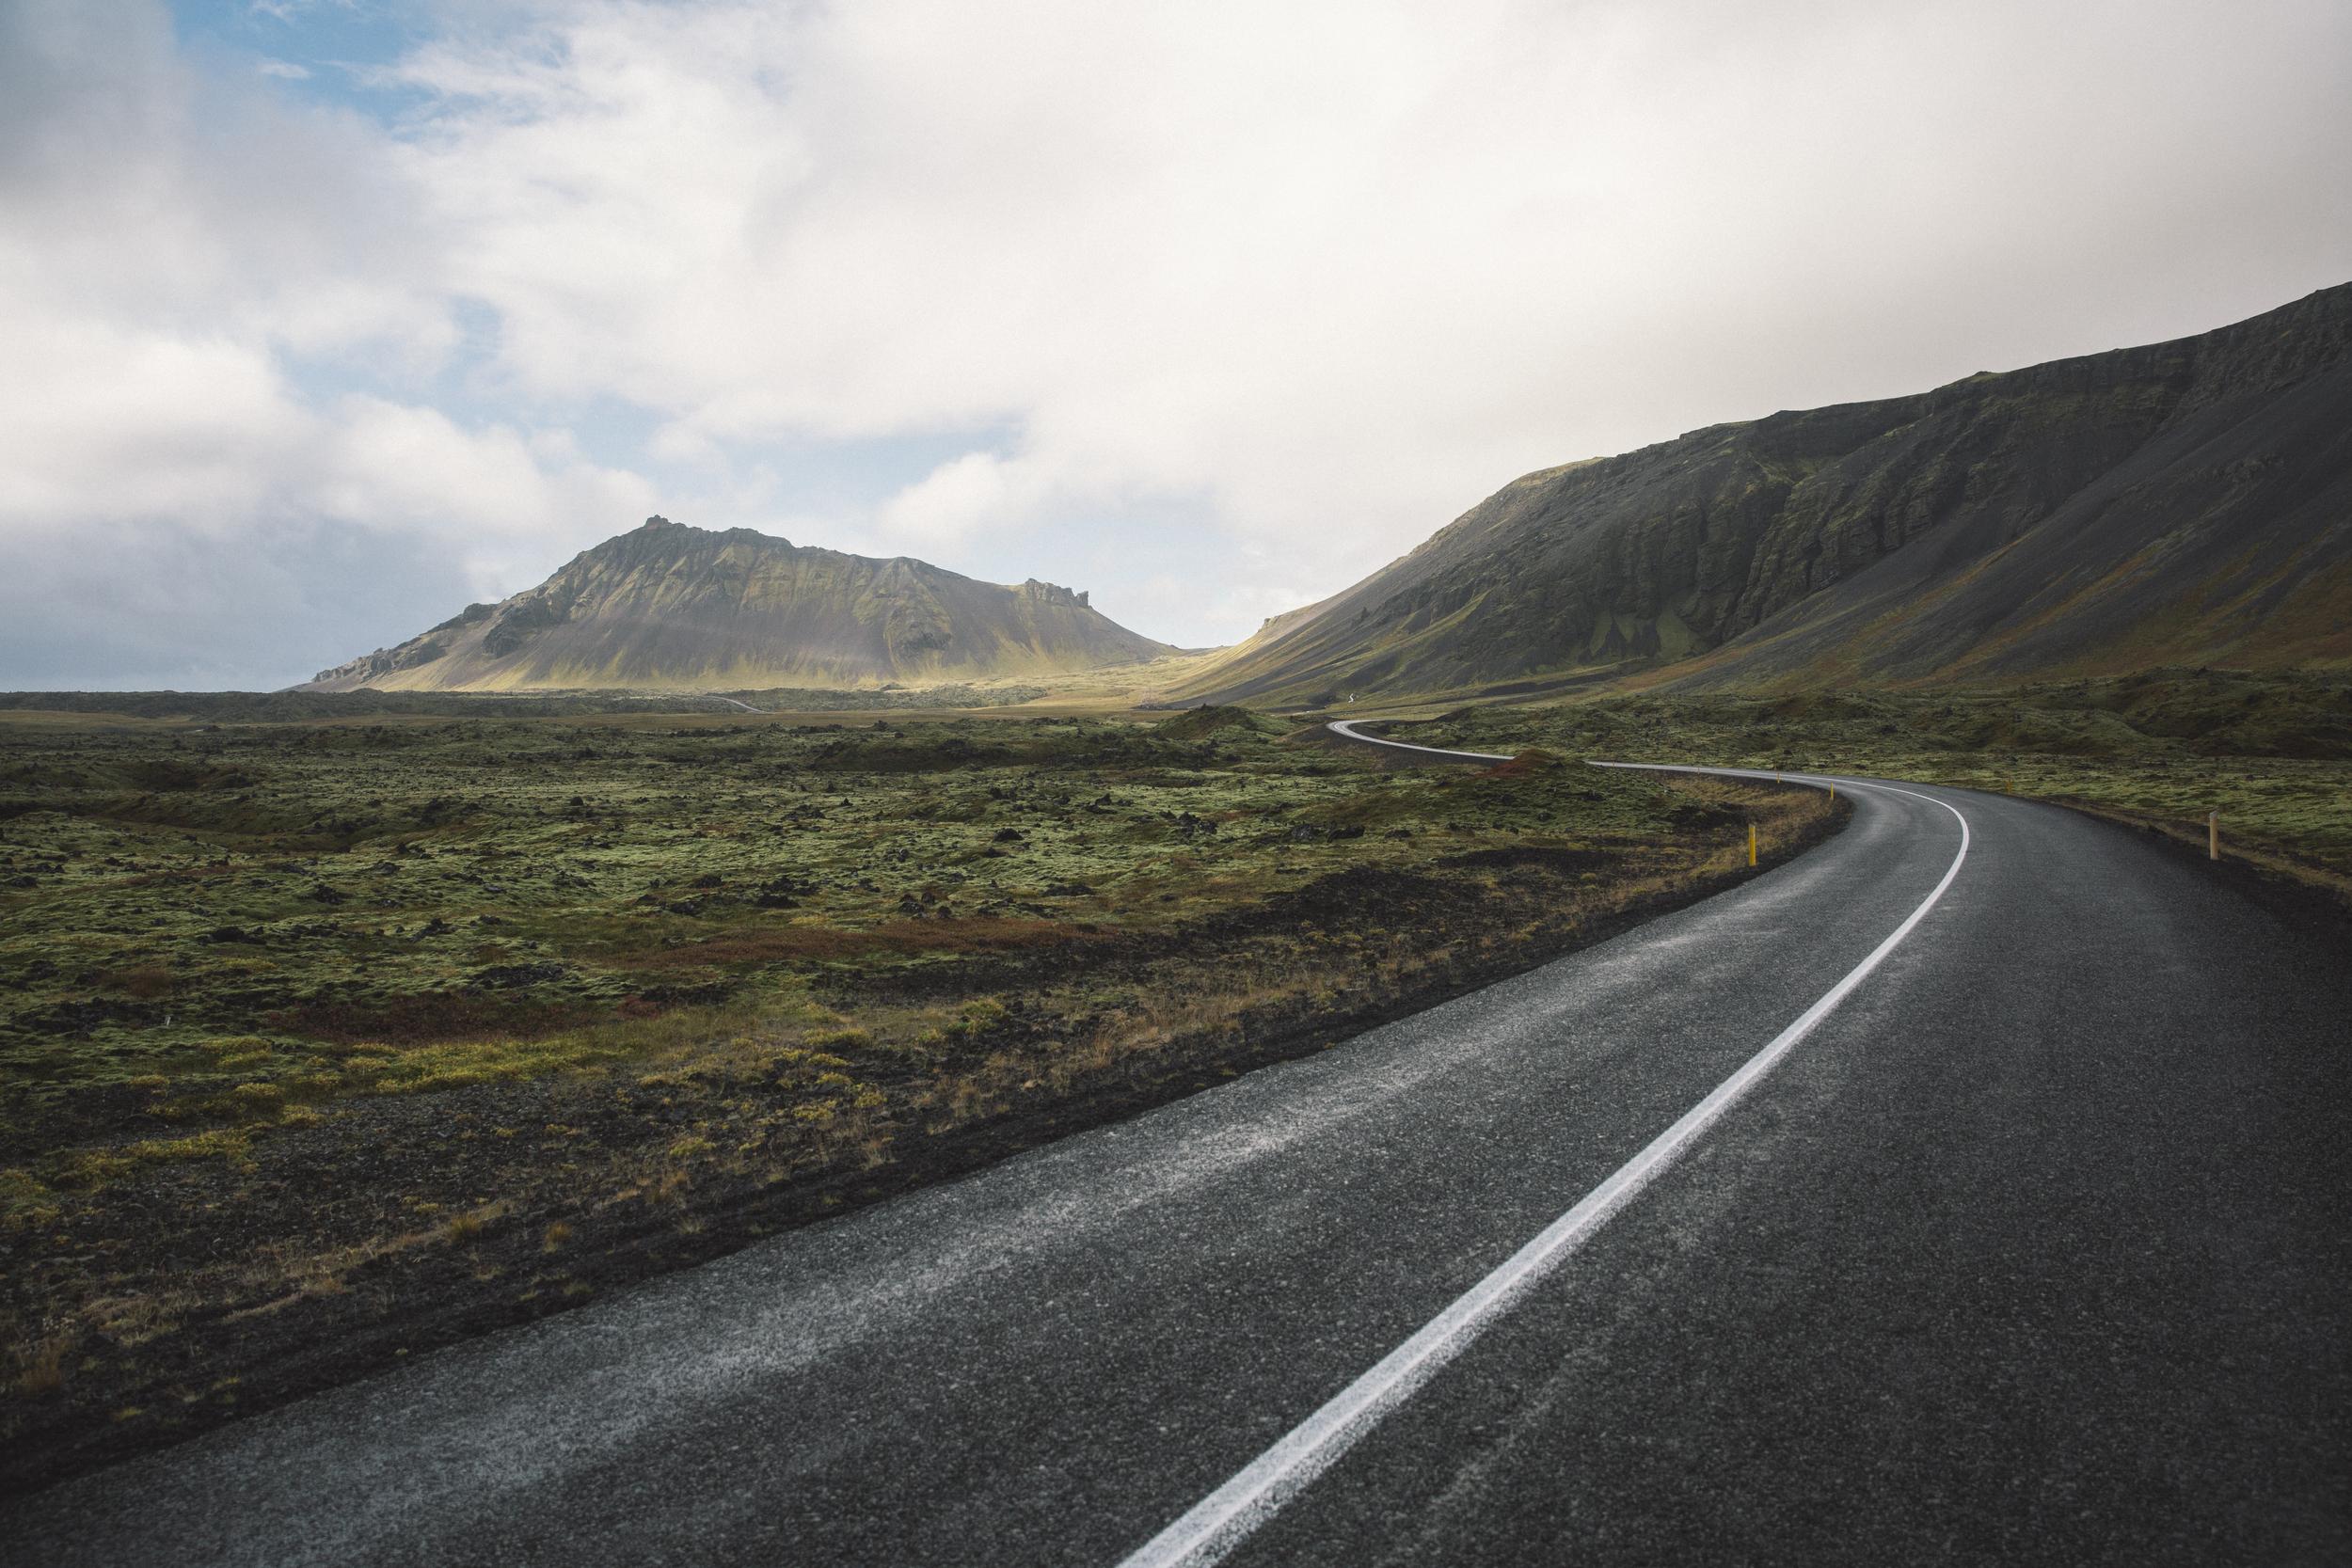 Danner_Kennett_Mohrman_Iceland_1.jpg